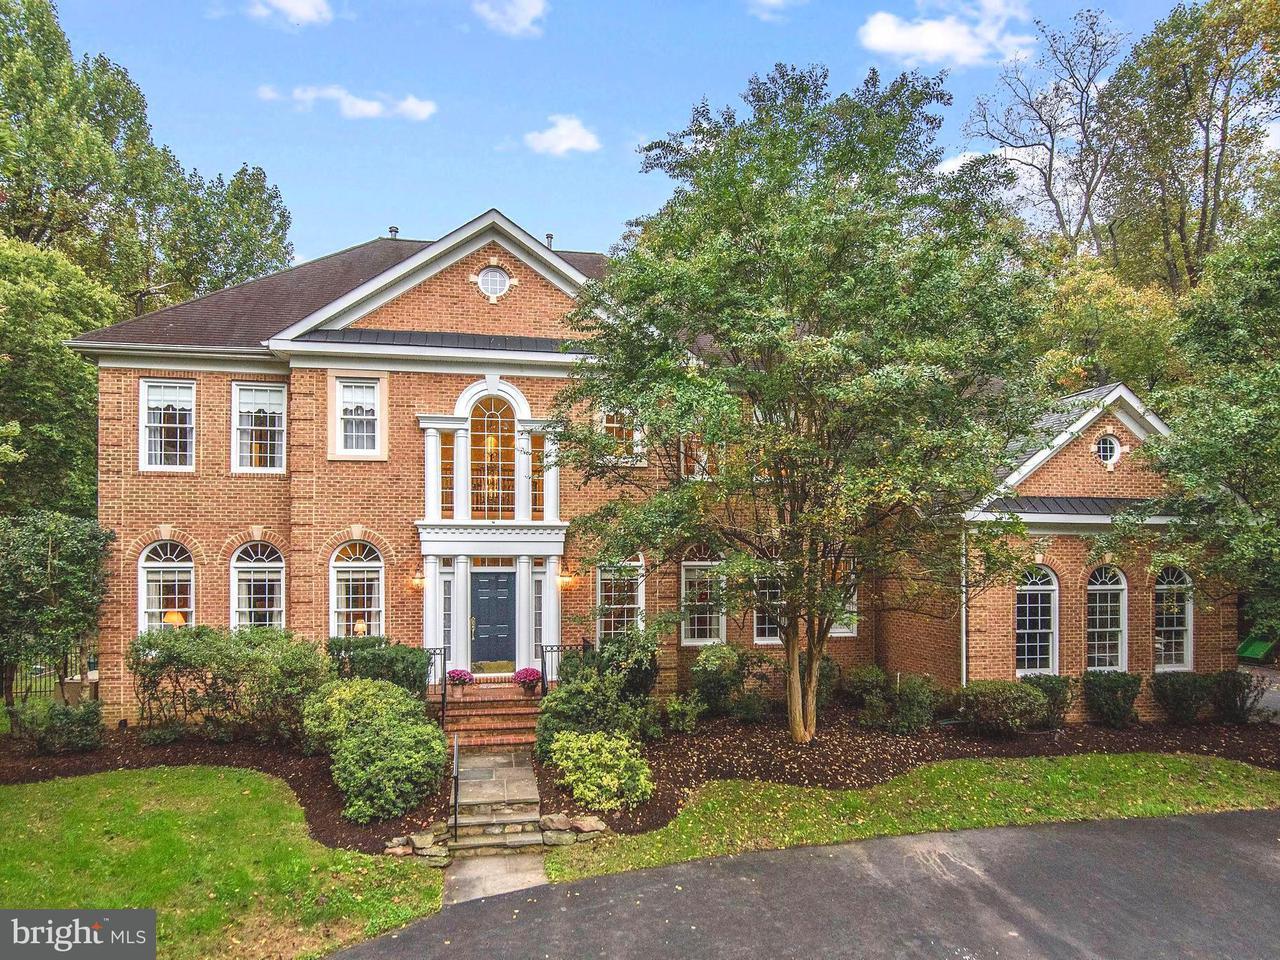 Частный односемейный дом для того Продажа на 15410 RIVER Road 15410 RIVER Road Germantown, Мэриленд 20874 Соединенные Штаты